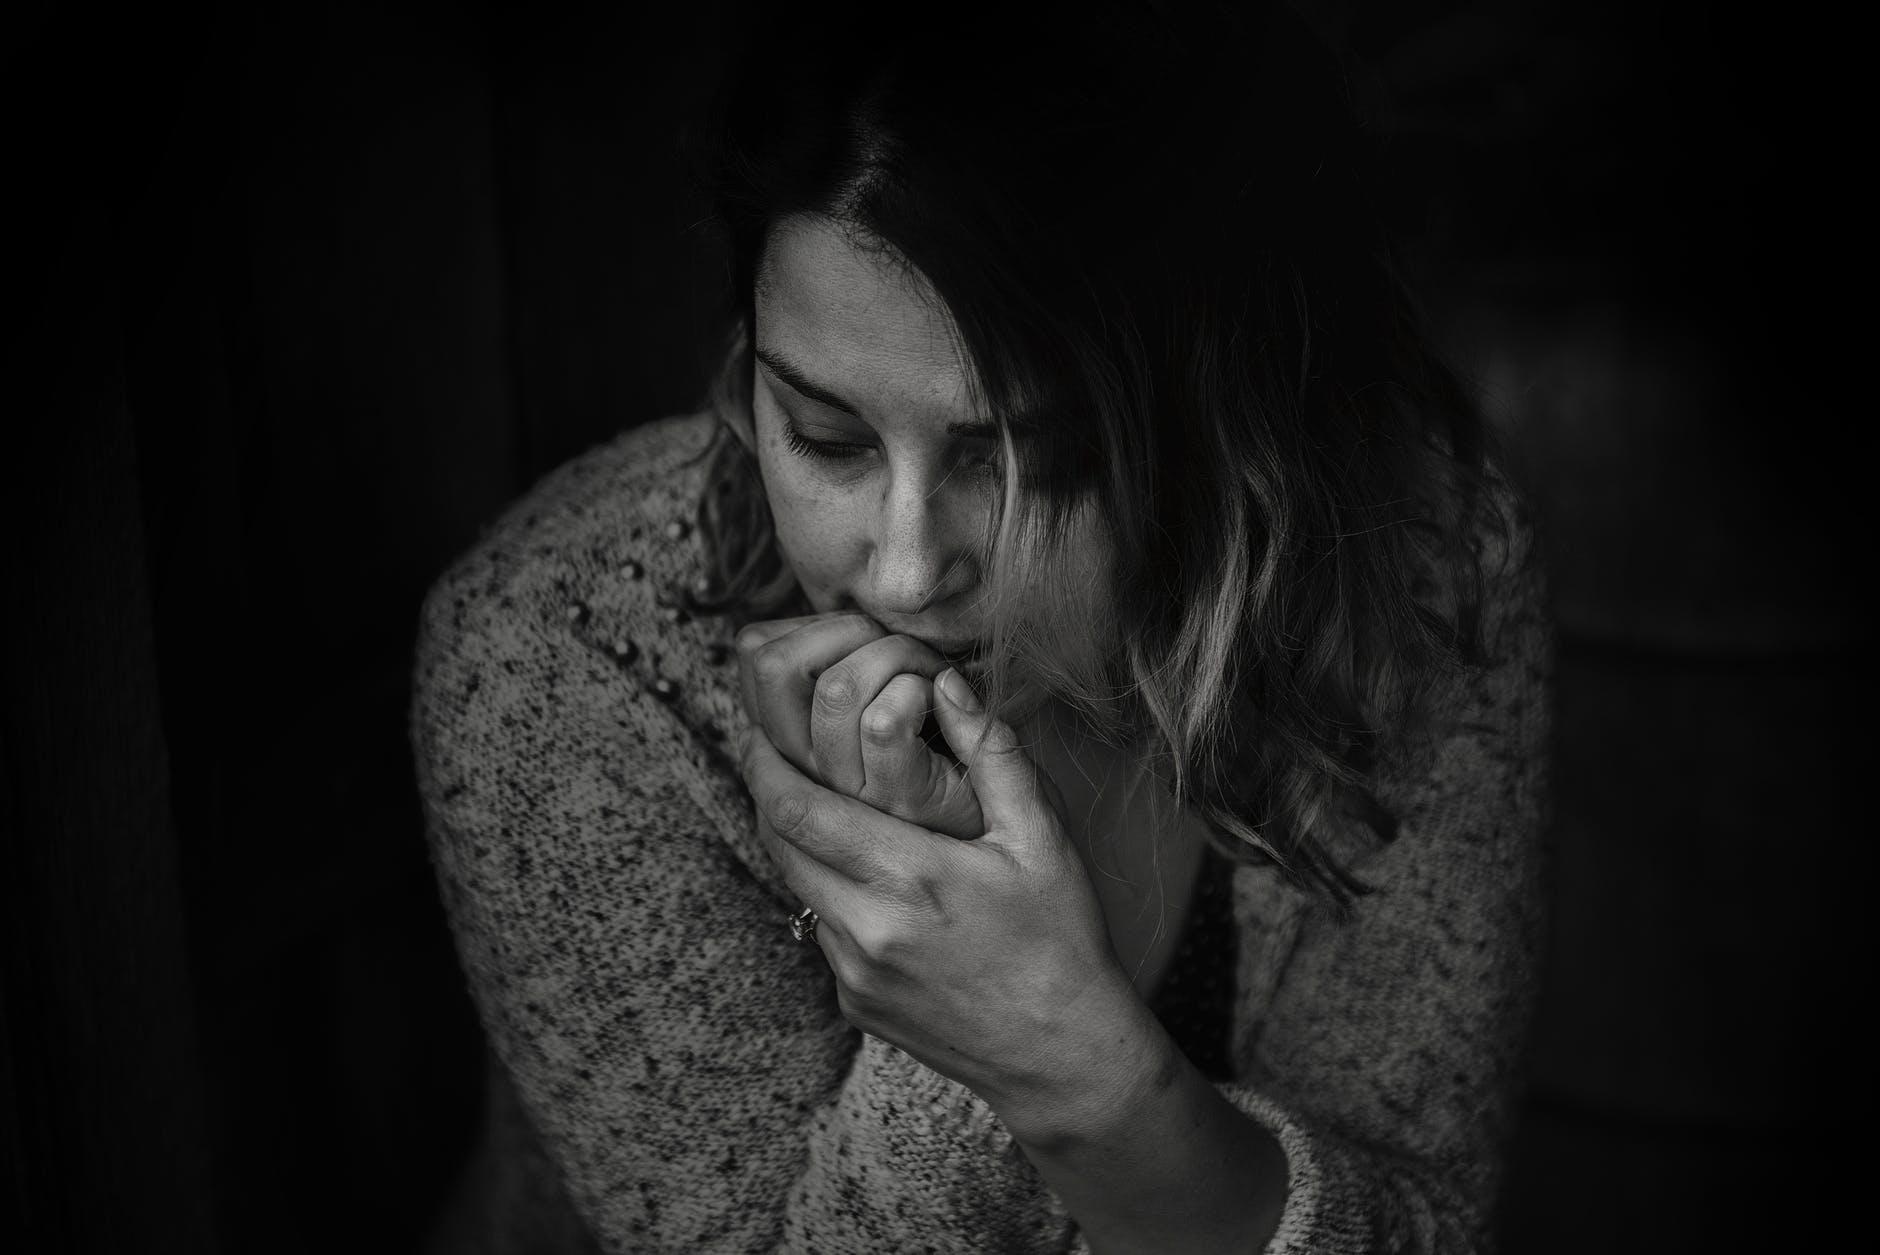 Ragam ucapan belasungkawa ketika ada yang berduka.